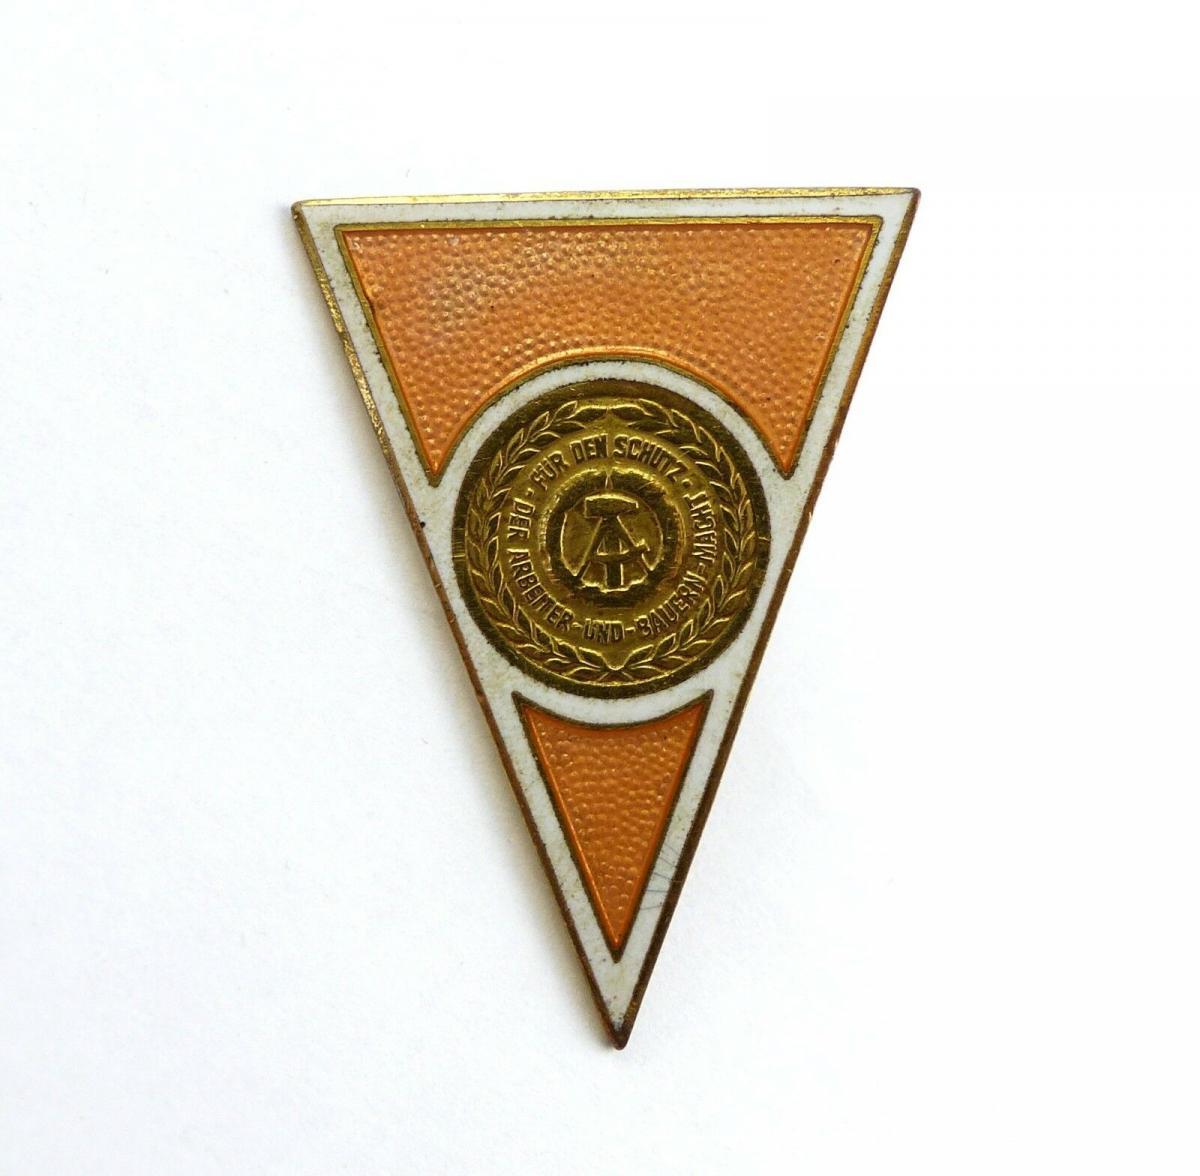 #e8415 Absolventenabzeichen für Offiziere mit Diplomabschluss Band II Nr. 473 a